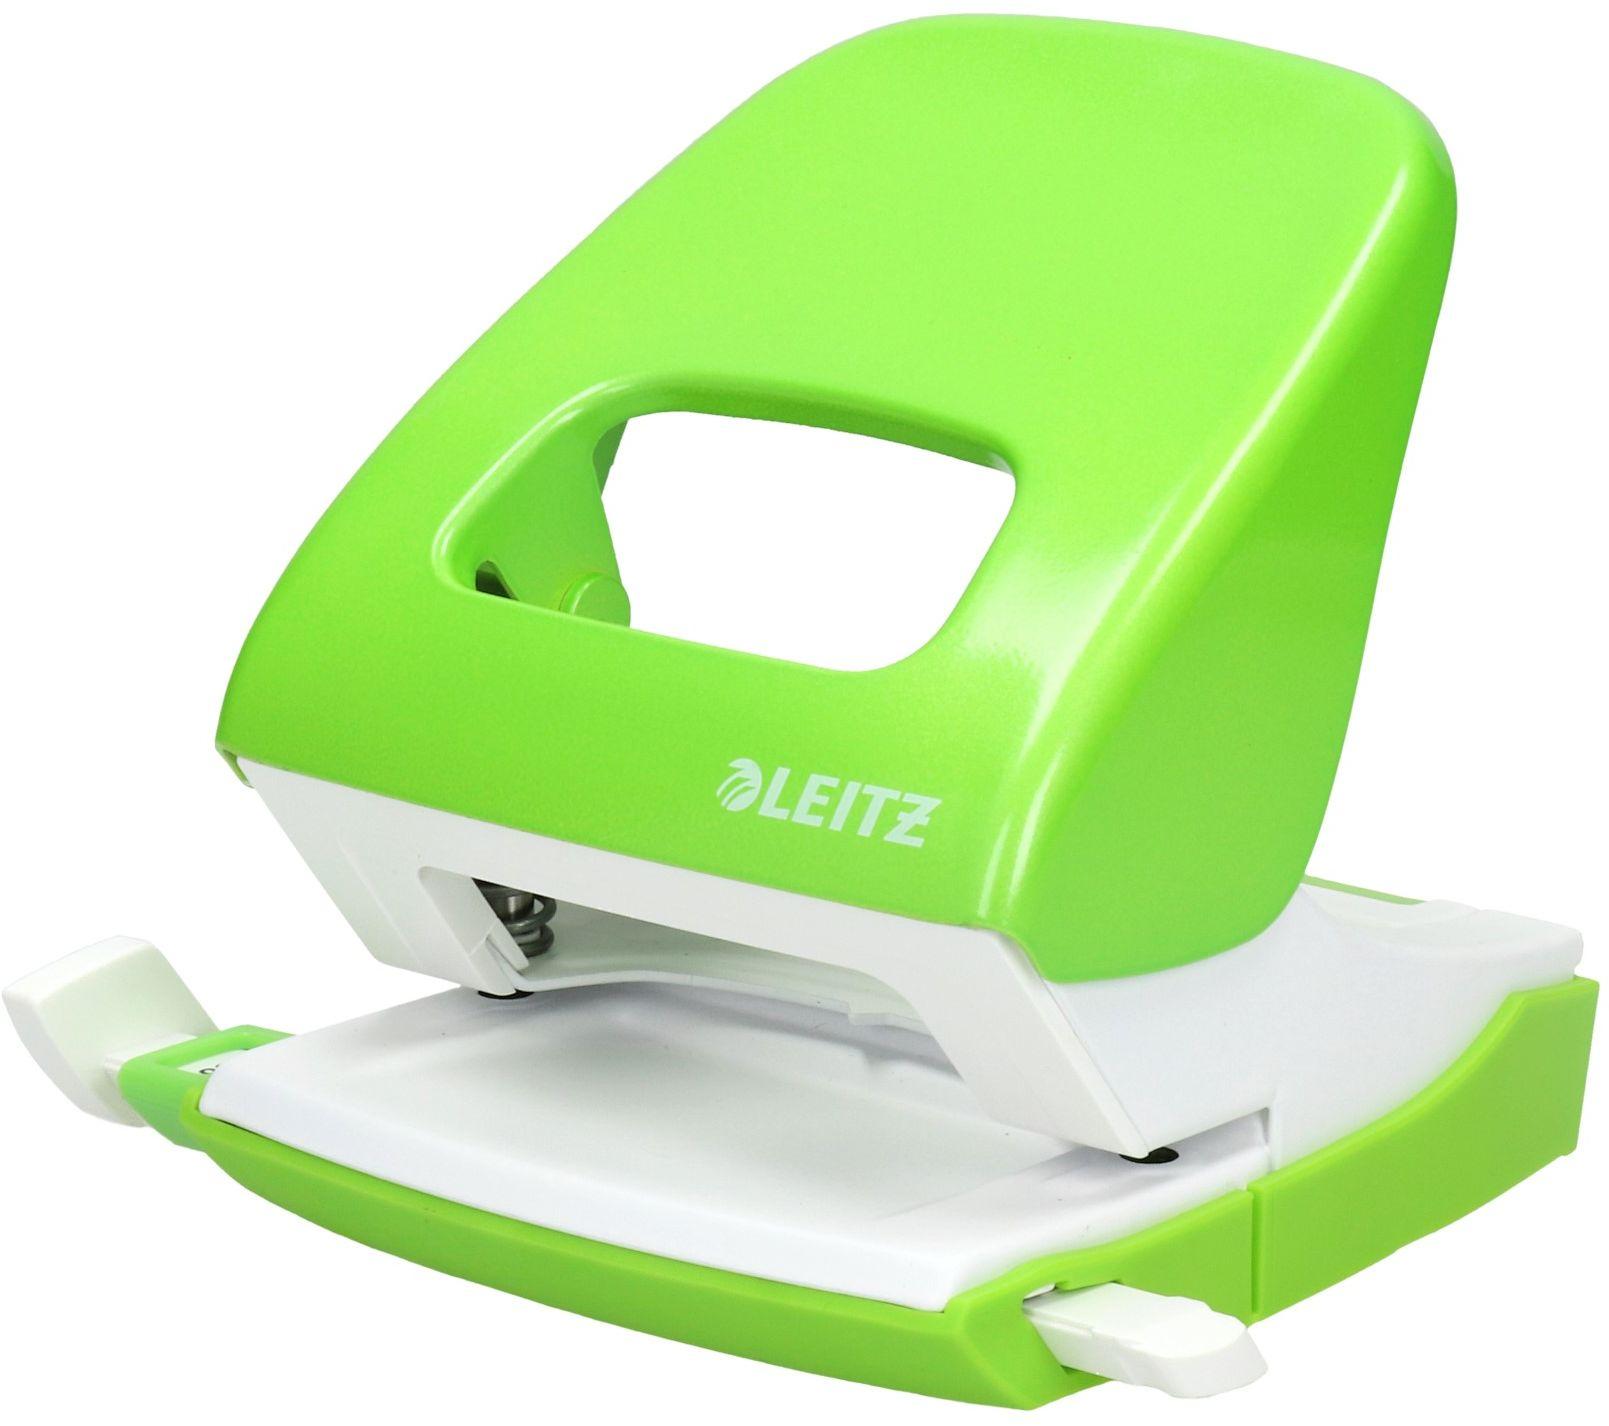 Dziurkacz 30k jasno-zielony NewNexxt WOW Leitz 5008